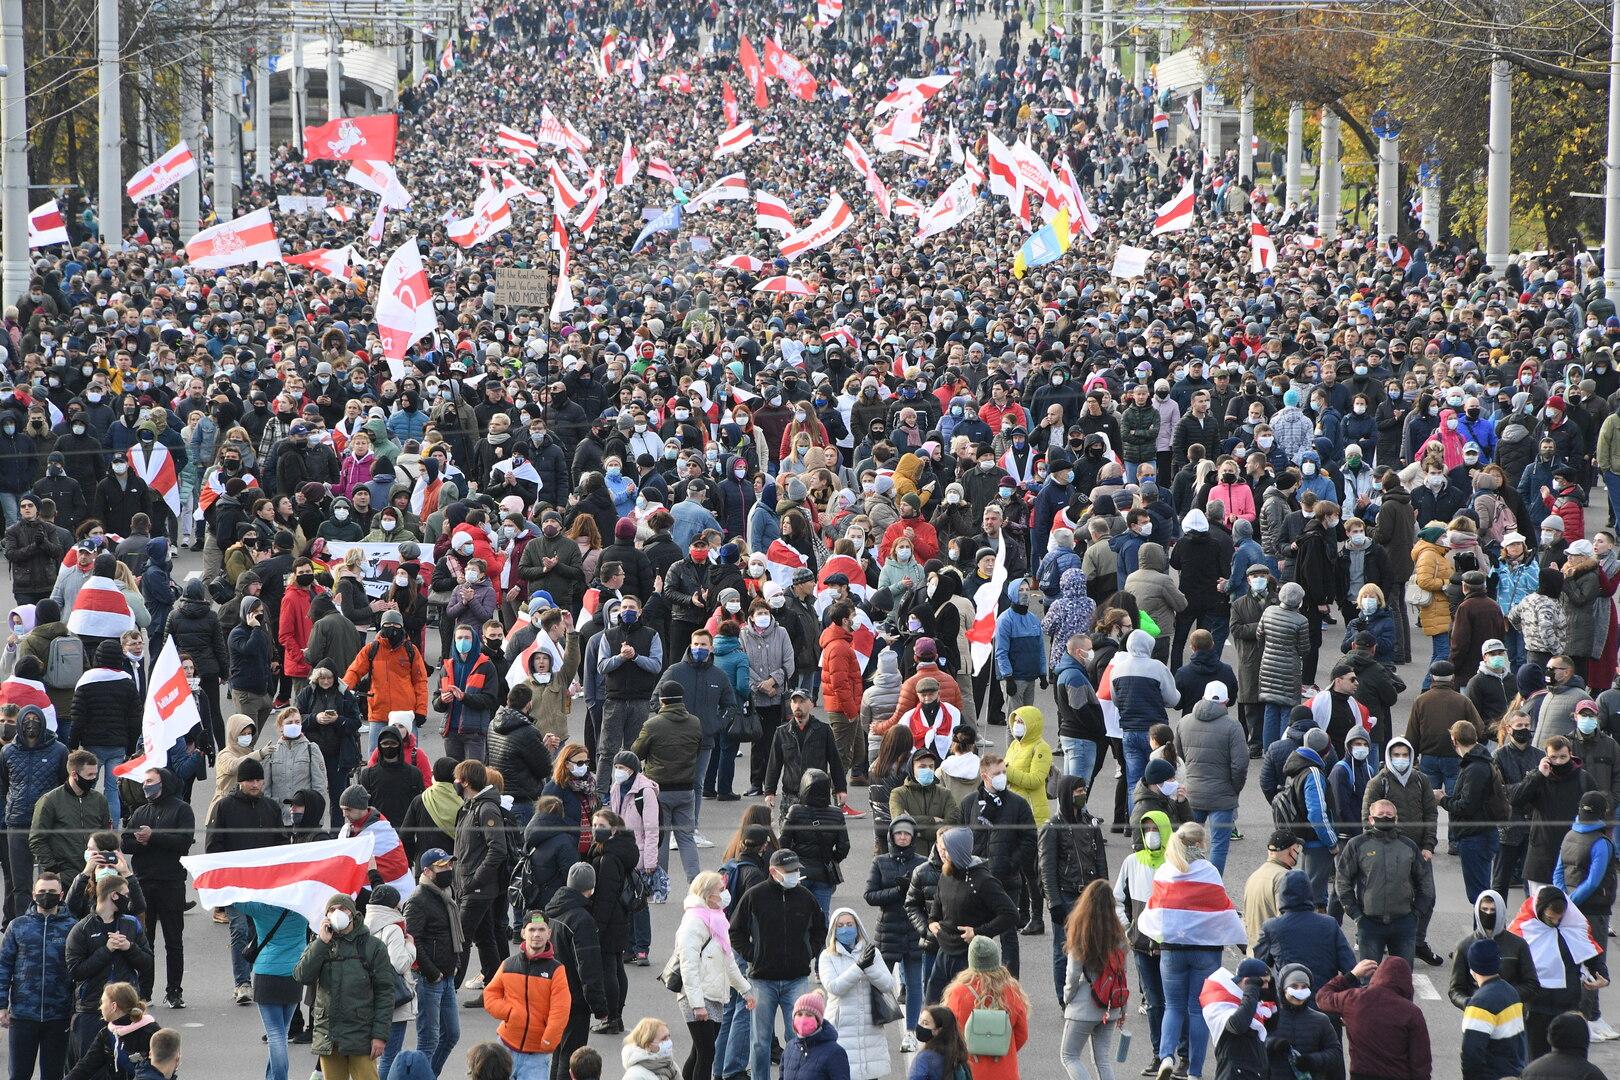 متظاهرون في العاصمة البيلاروسية مينسك